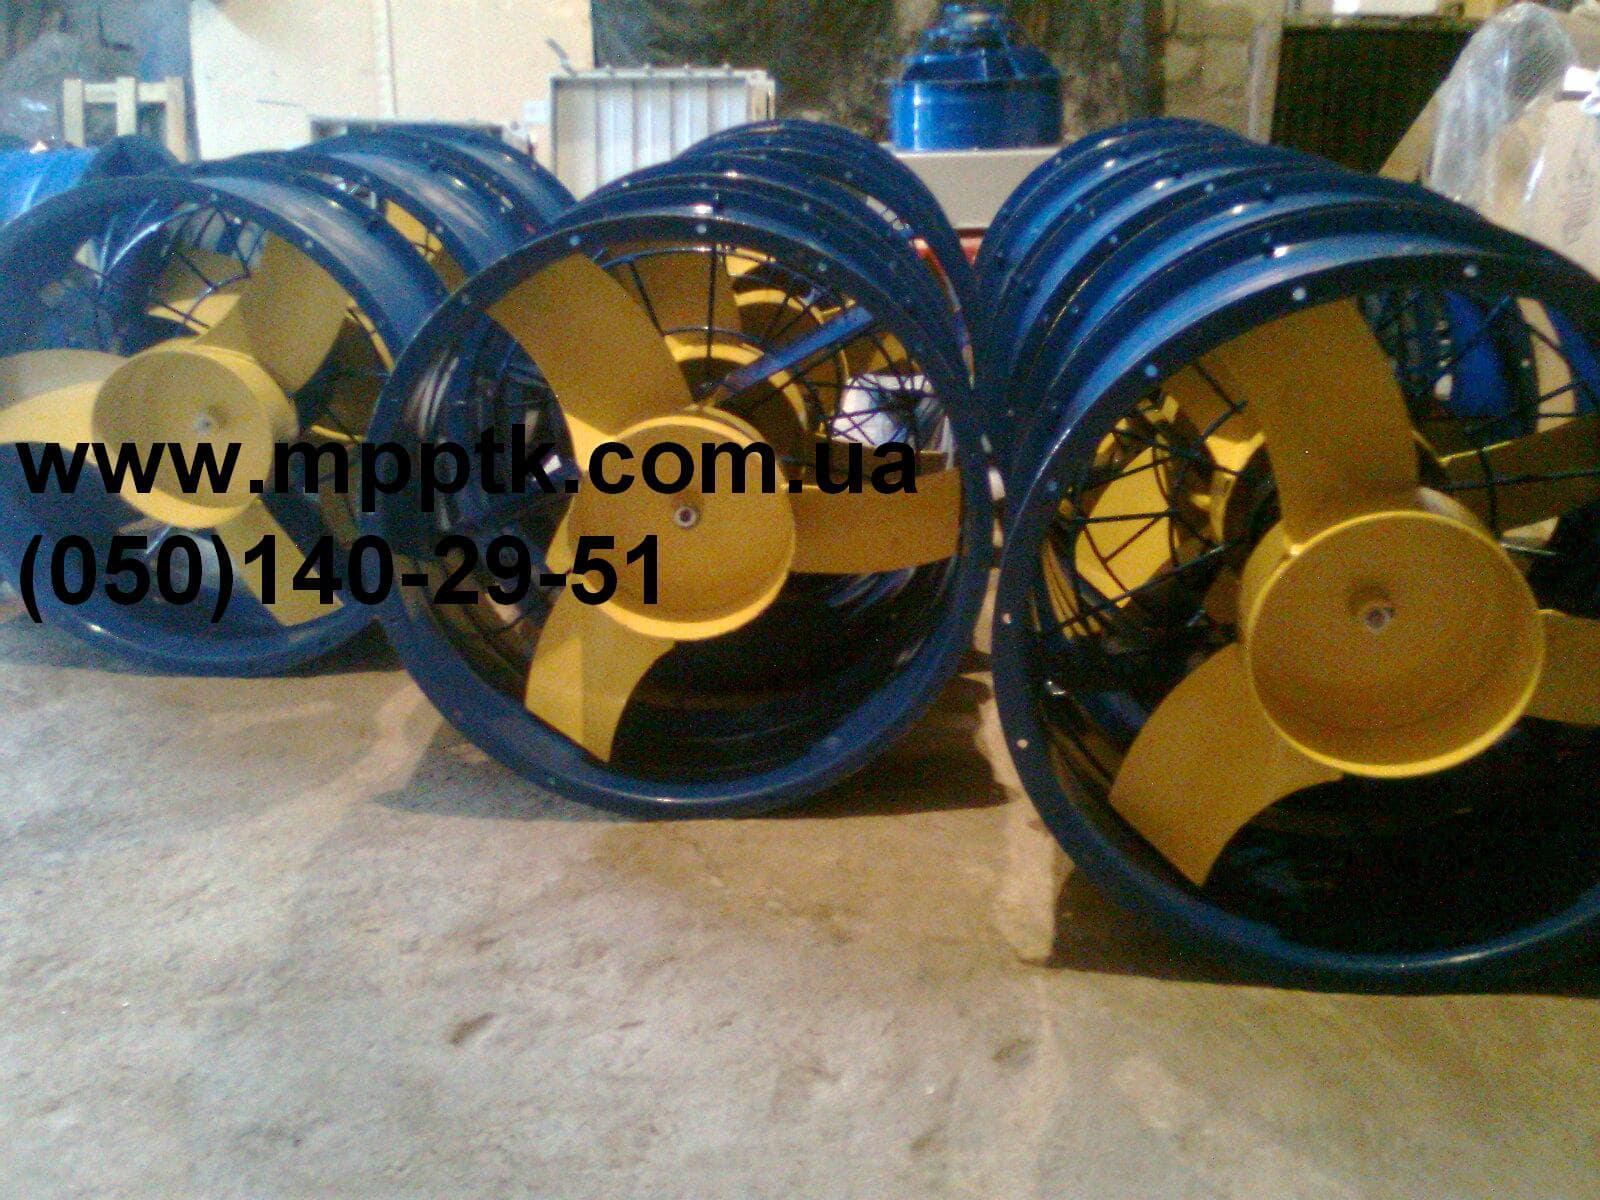 Вентилятор ВО новый изготовление купить доставка недорого качество Украина